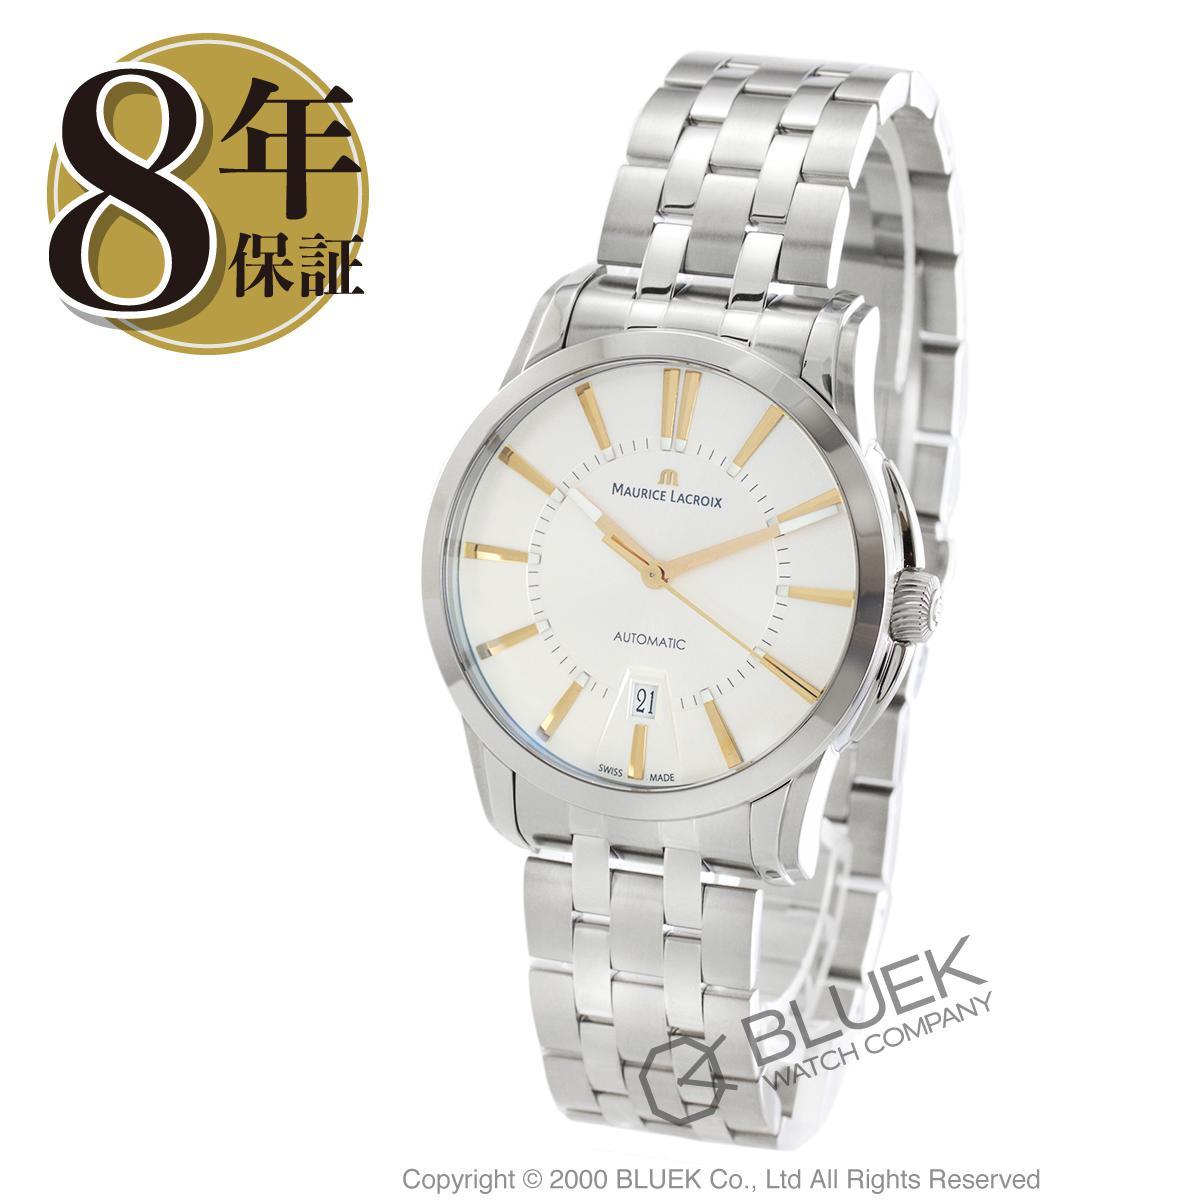 モーリス・ラクロア ポントス デイト 腕時計 メンズ MAURICE LACROIX PT6148-SS002-131_8